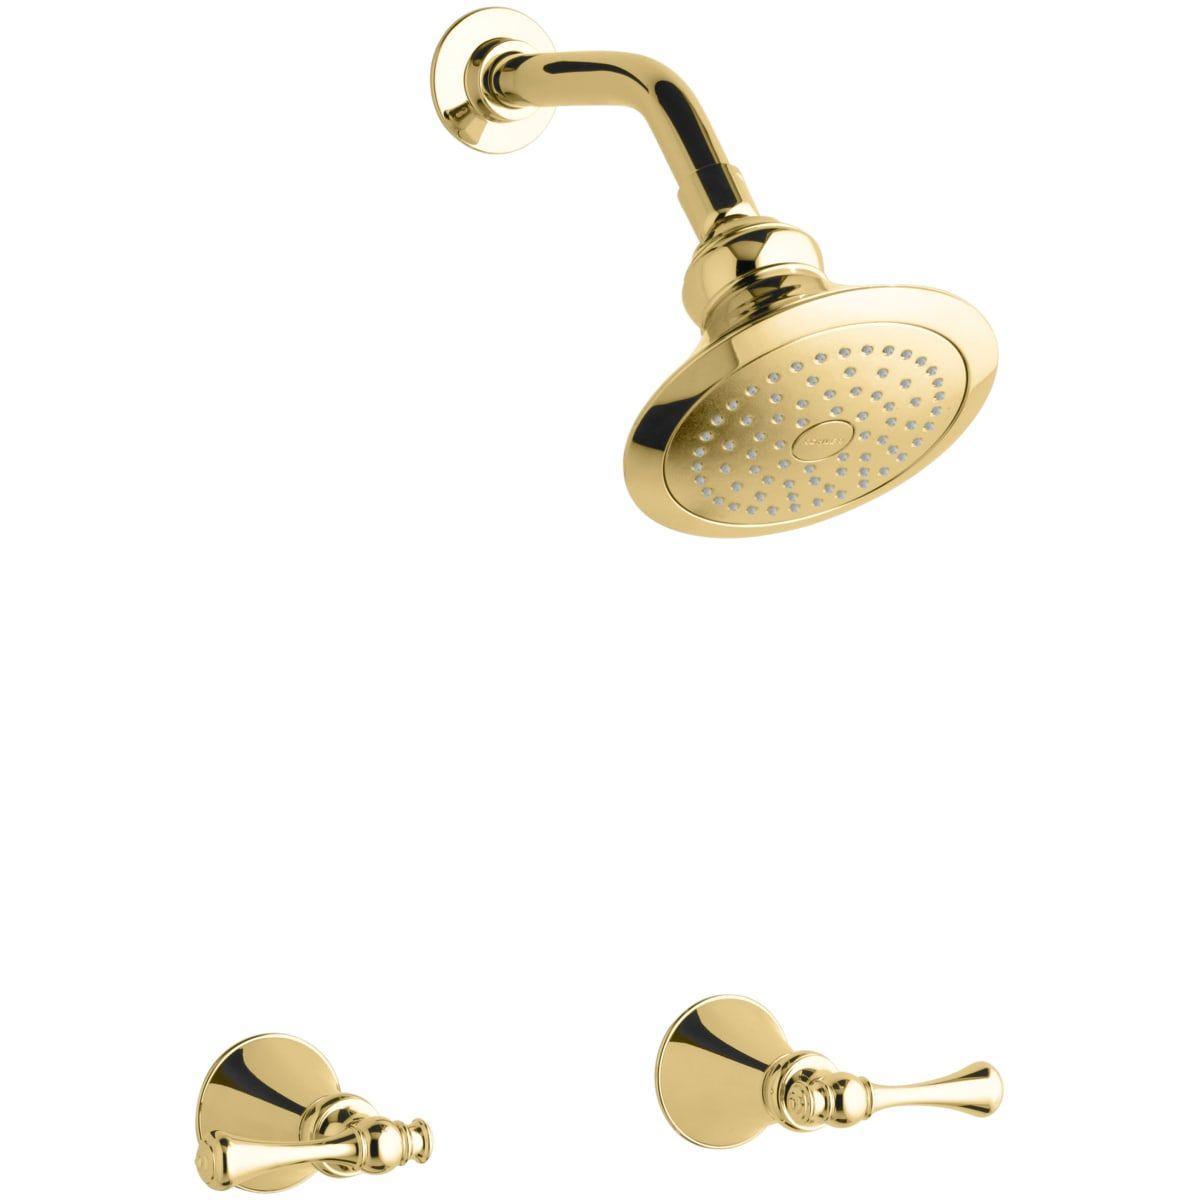 Kohler K 16214 4a Pb Polished Brass Revival Shower Package With